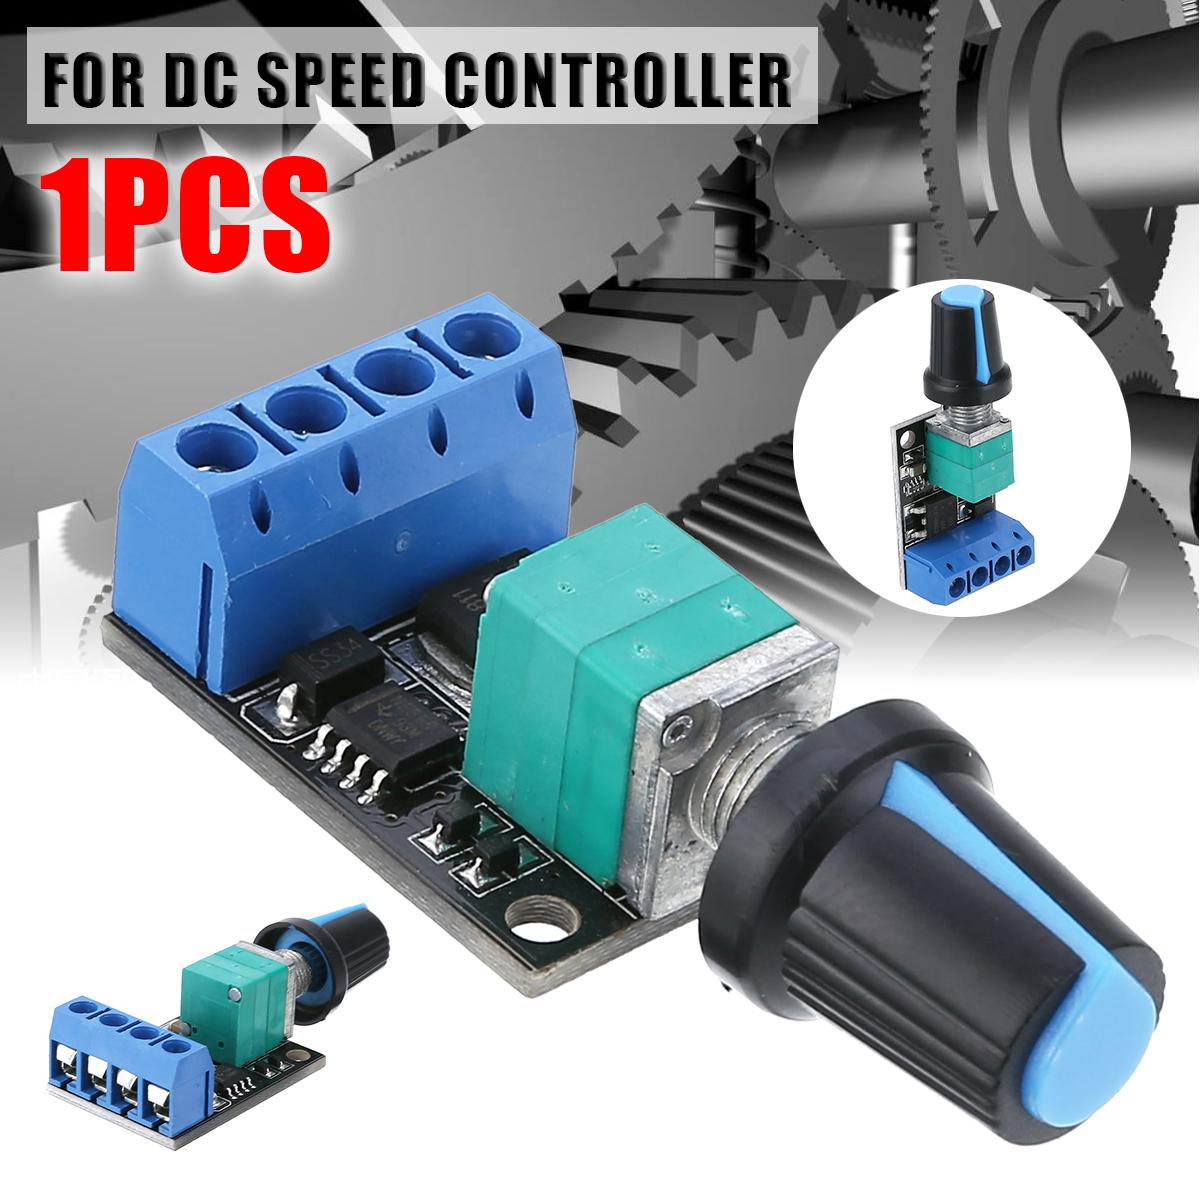 Neue PWM Motor Control Schalter Moudle DC 5V-16V 10A DC Motor Geschwindigkeit Steuerung Schalter LED Dimmer controller Für Home Werkzeug